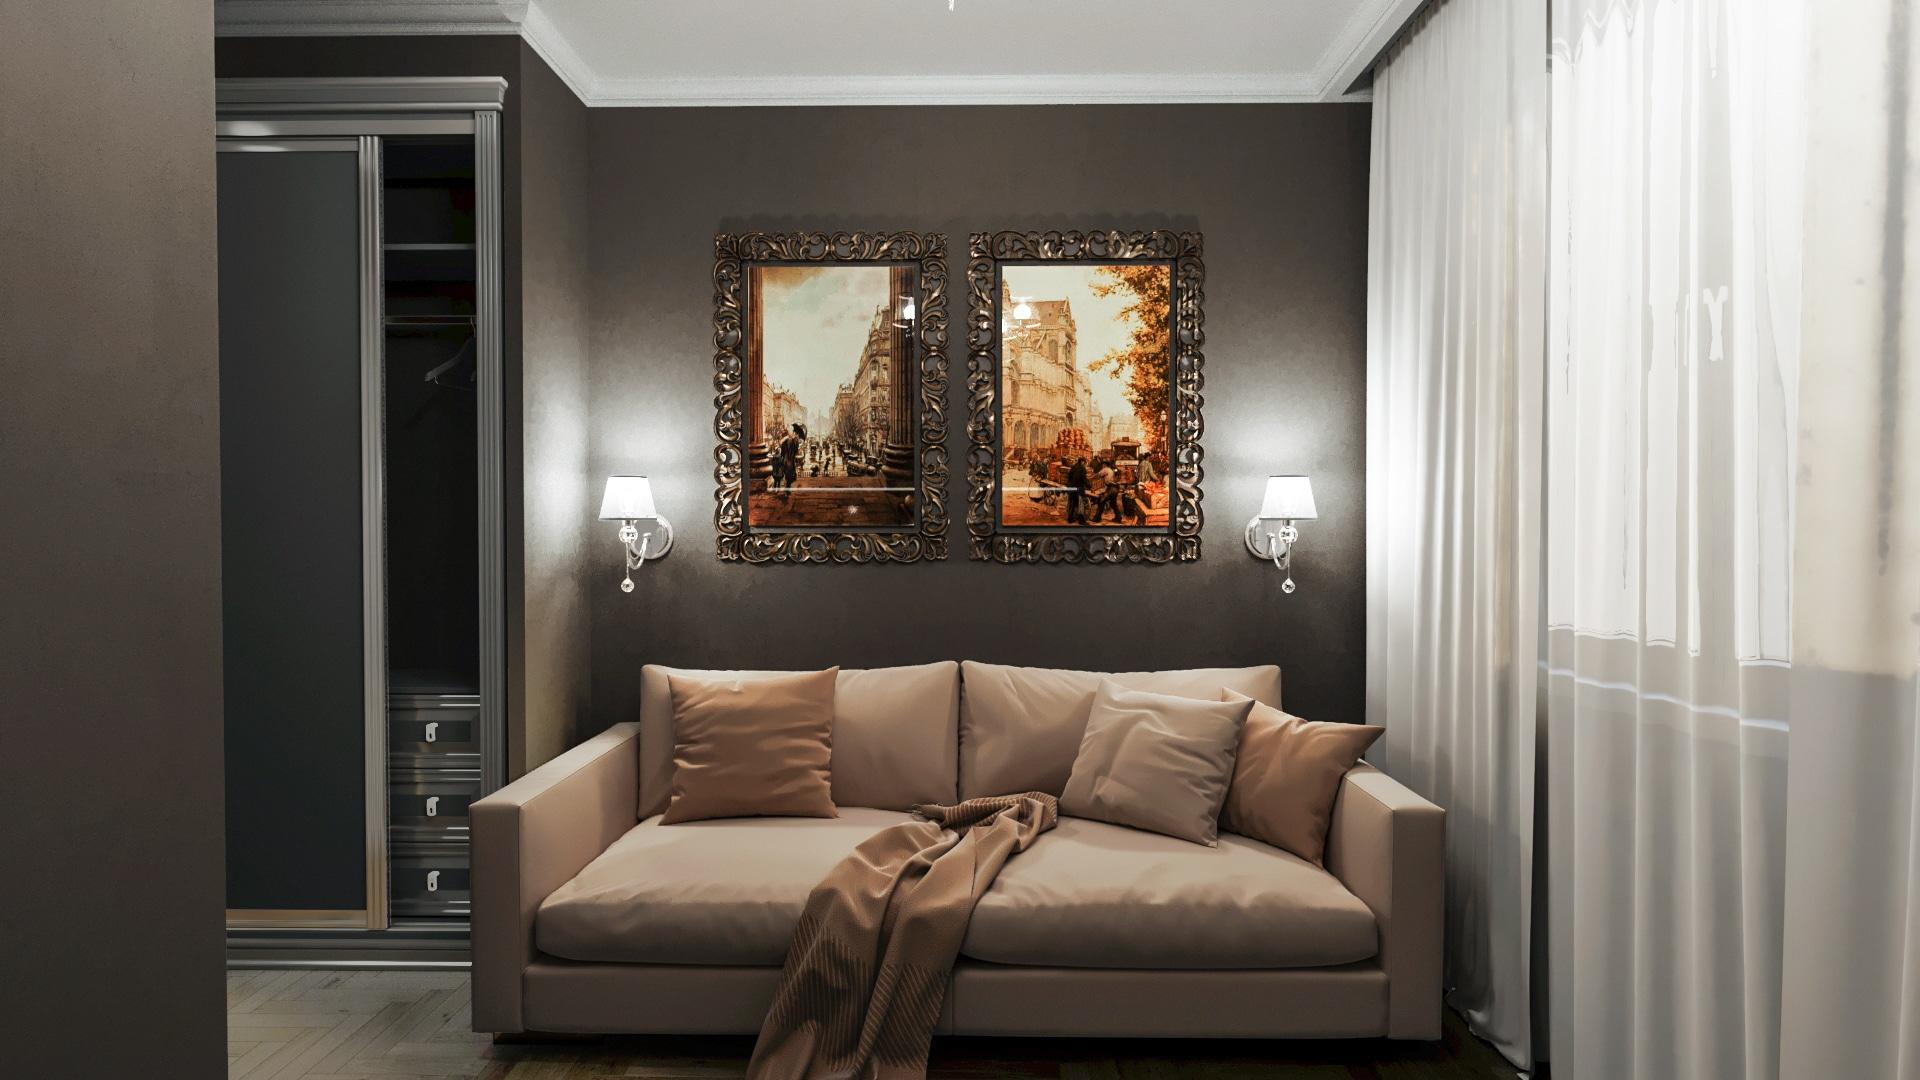 Настенный декор в квартире.